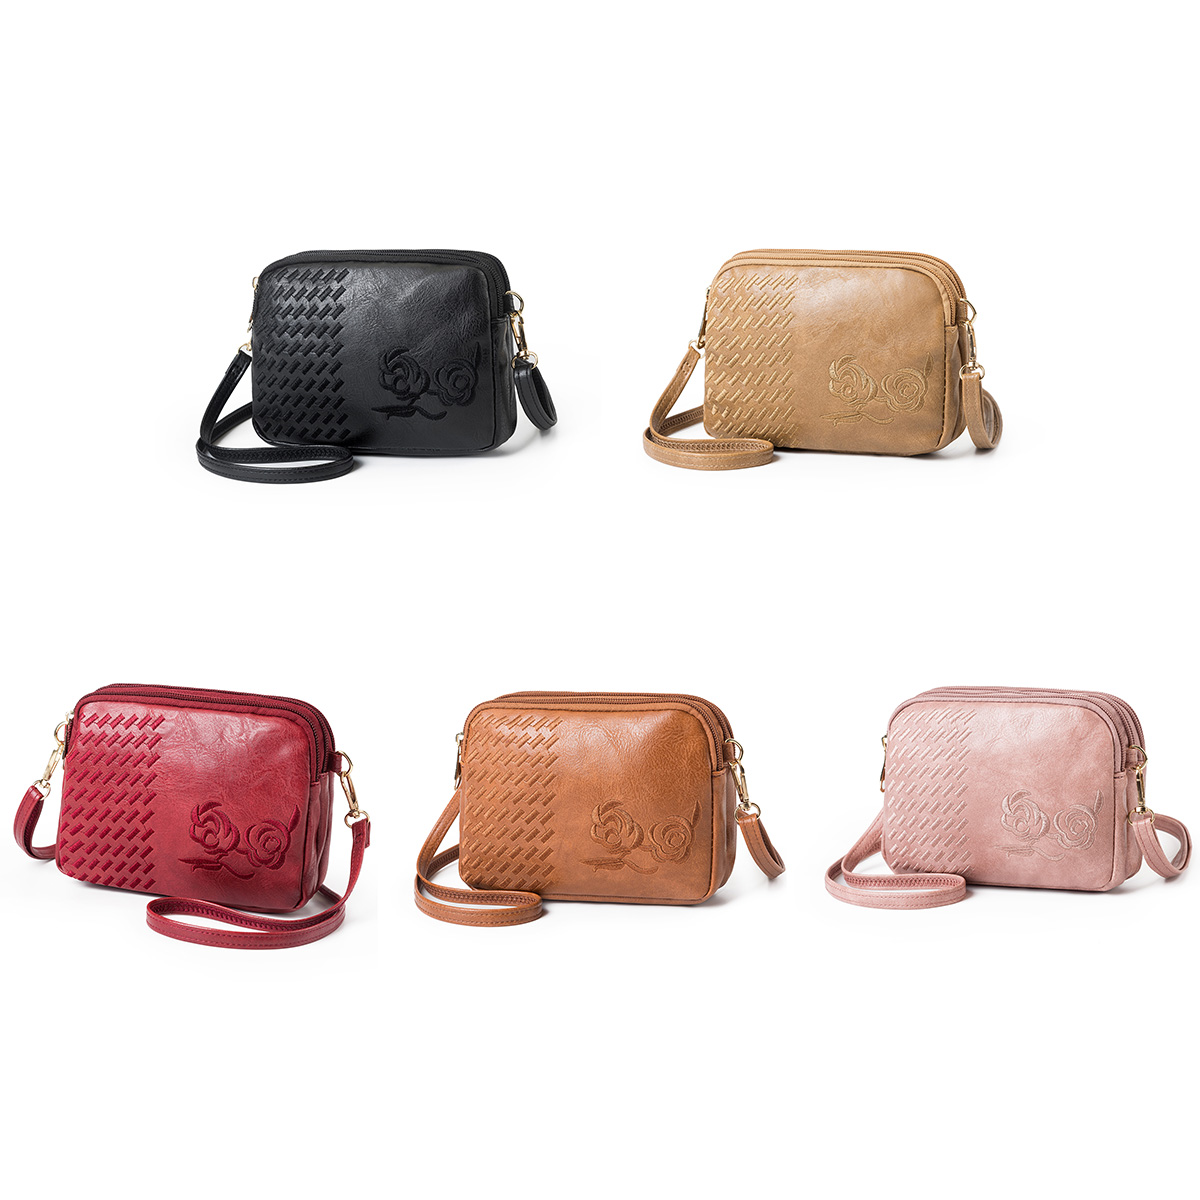 Fashion Women Vintage PU Leather Flower Embroidery Crossbody Bag Simple Multilayer Shoulder Bag Women Bag